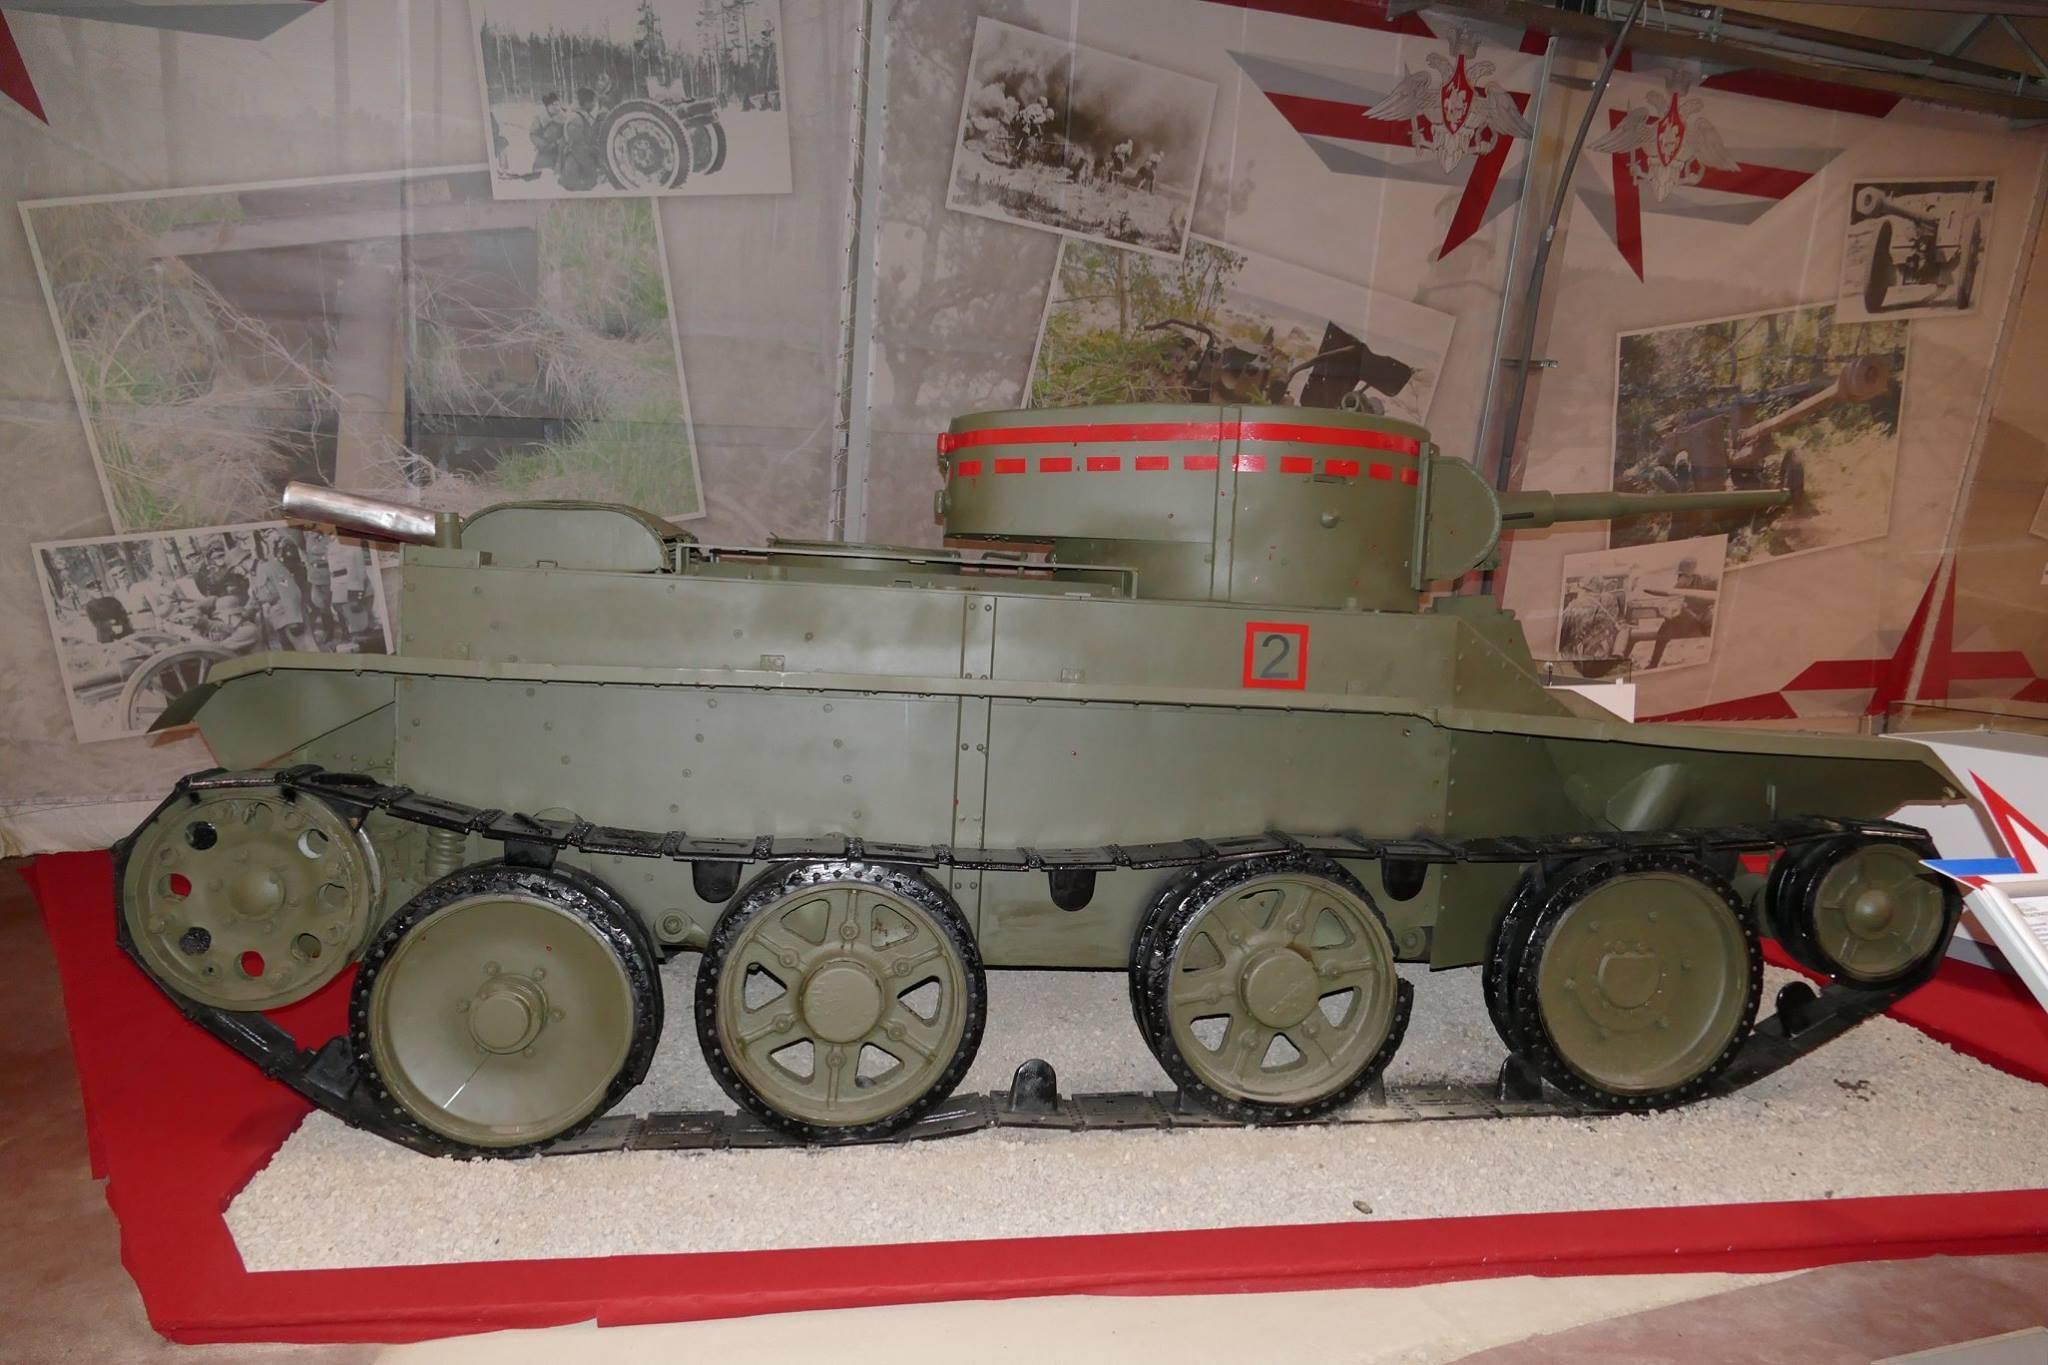 Бт-5 — советский легкий танк